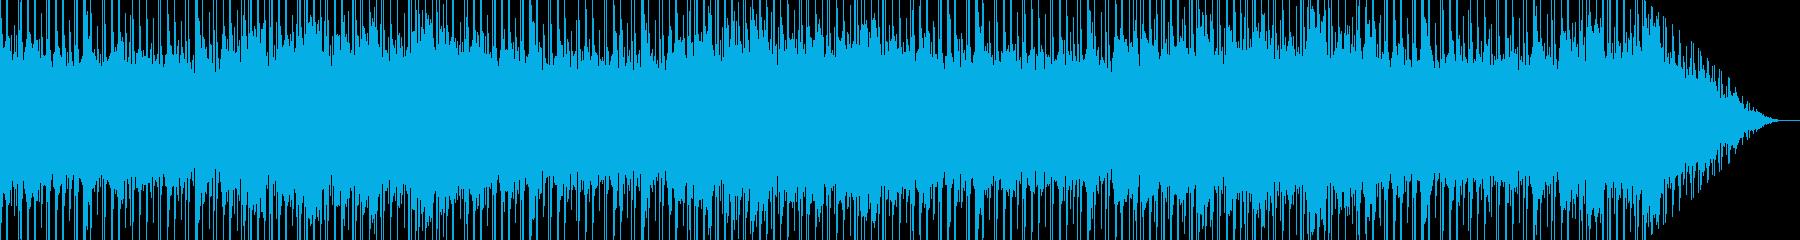 ほのぼの&爽やかなアコースティック癒し曲の再生済みの波形